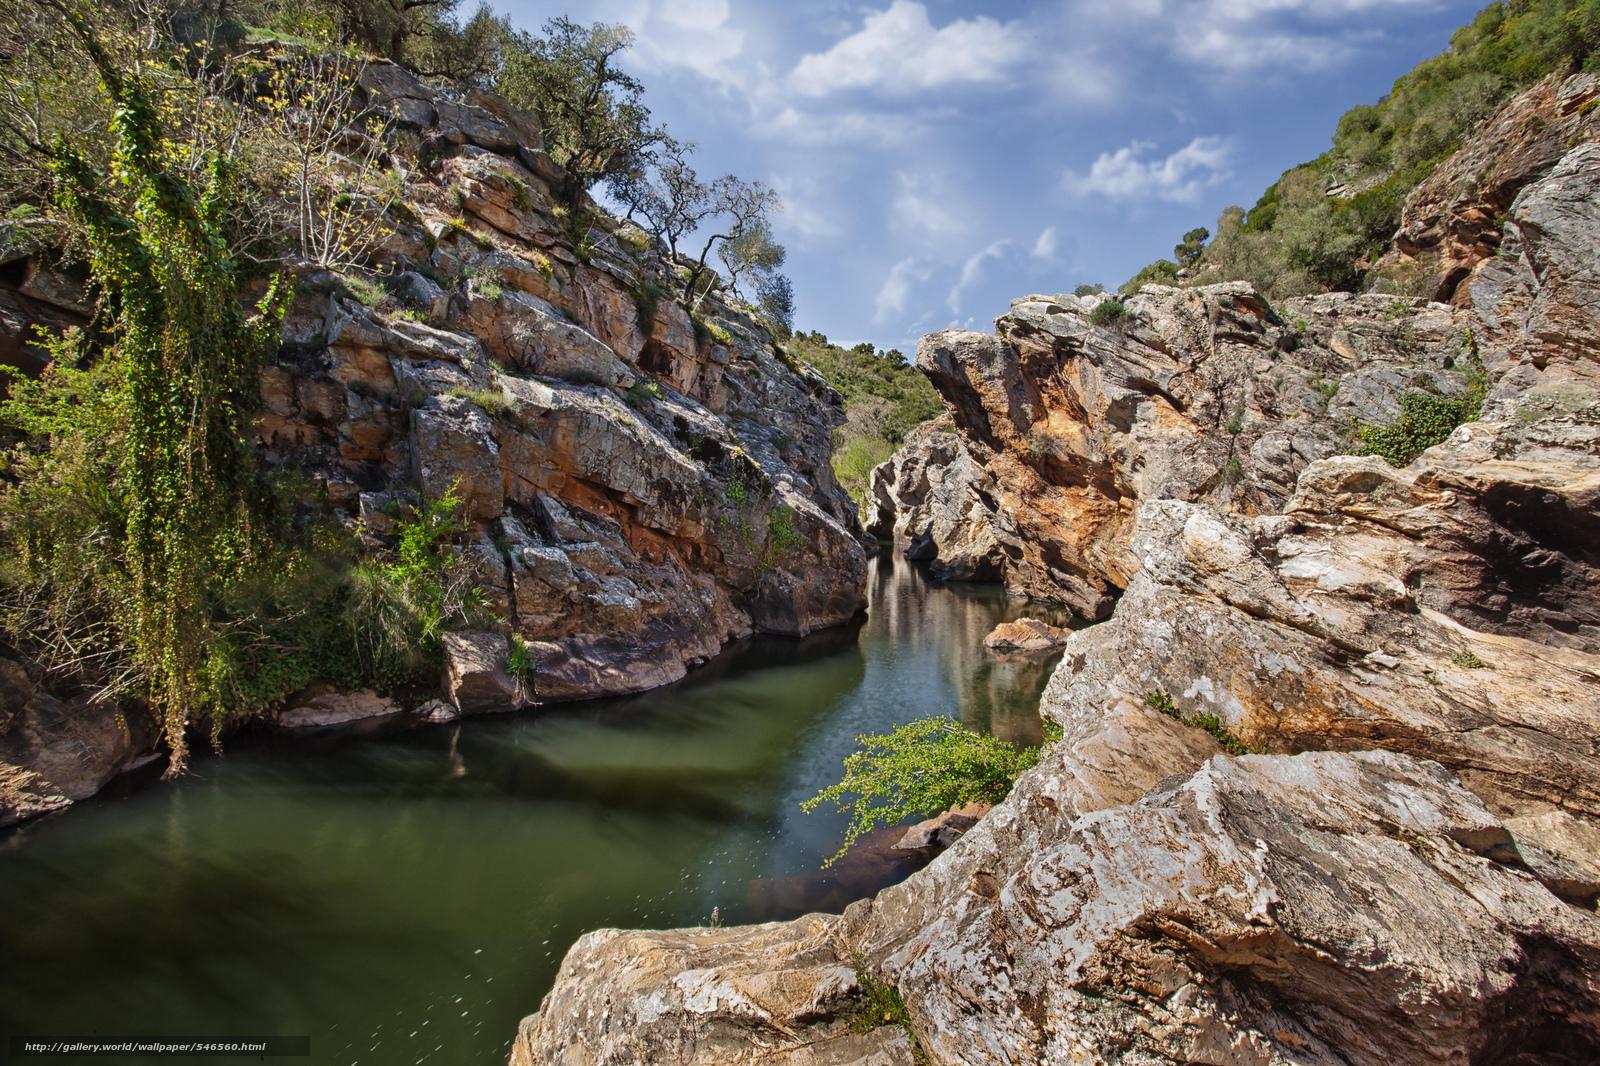 Tlcharger fond d 39 ecran canyon rivi re roches portugal for Fond ecran portugal